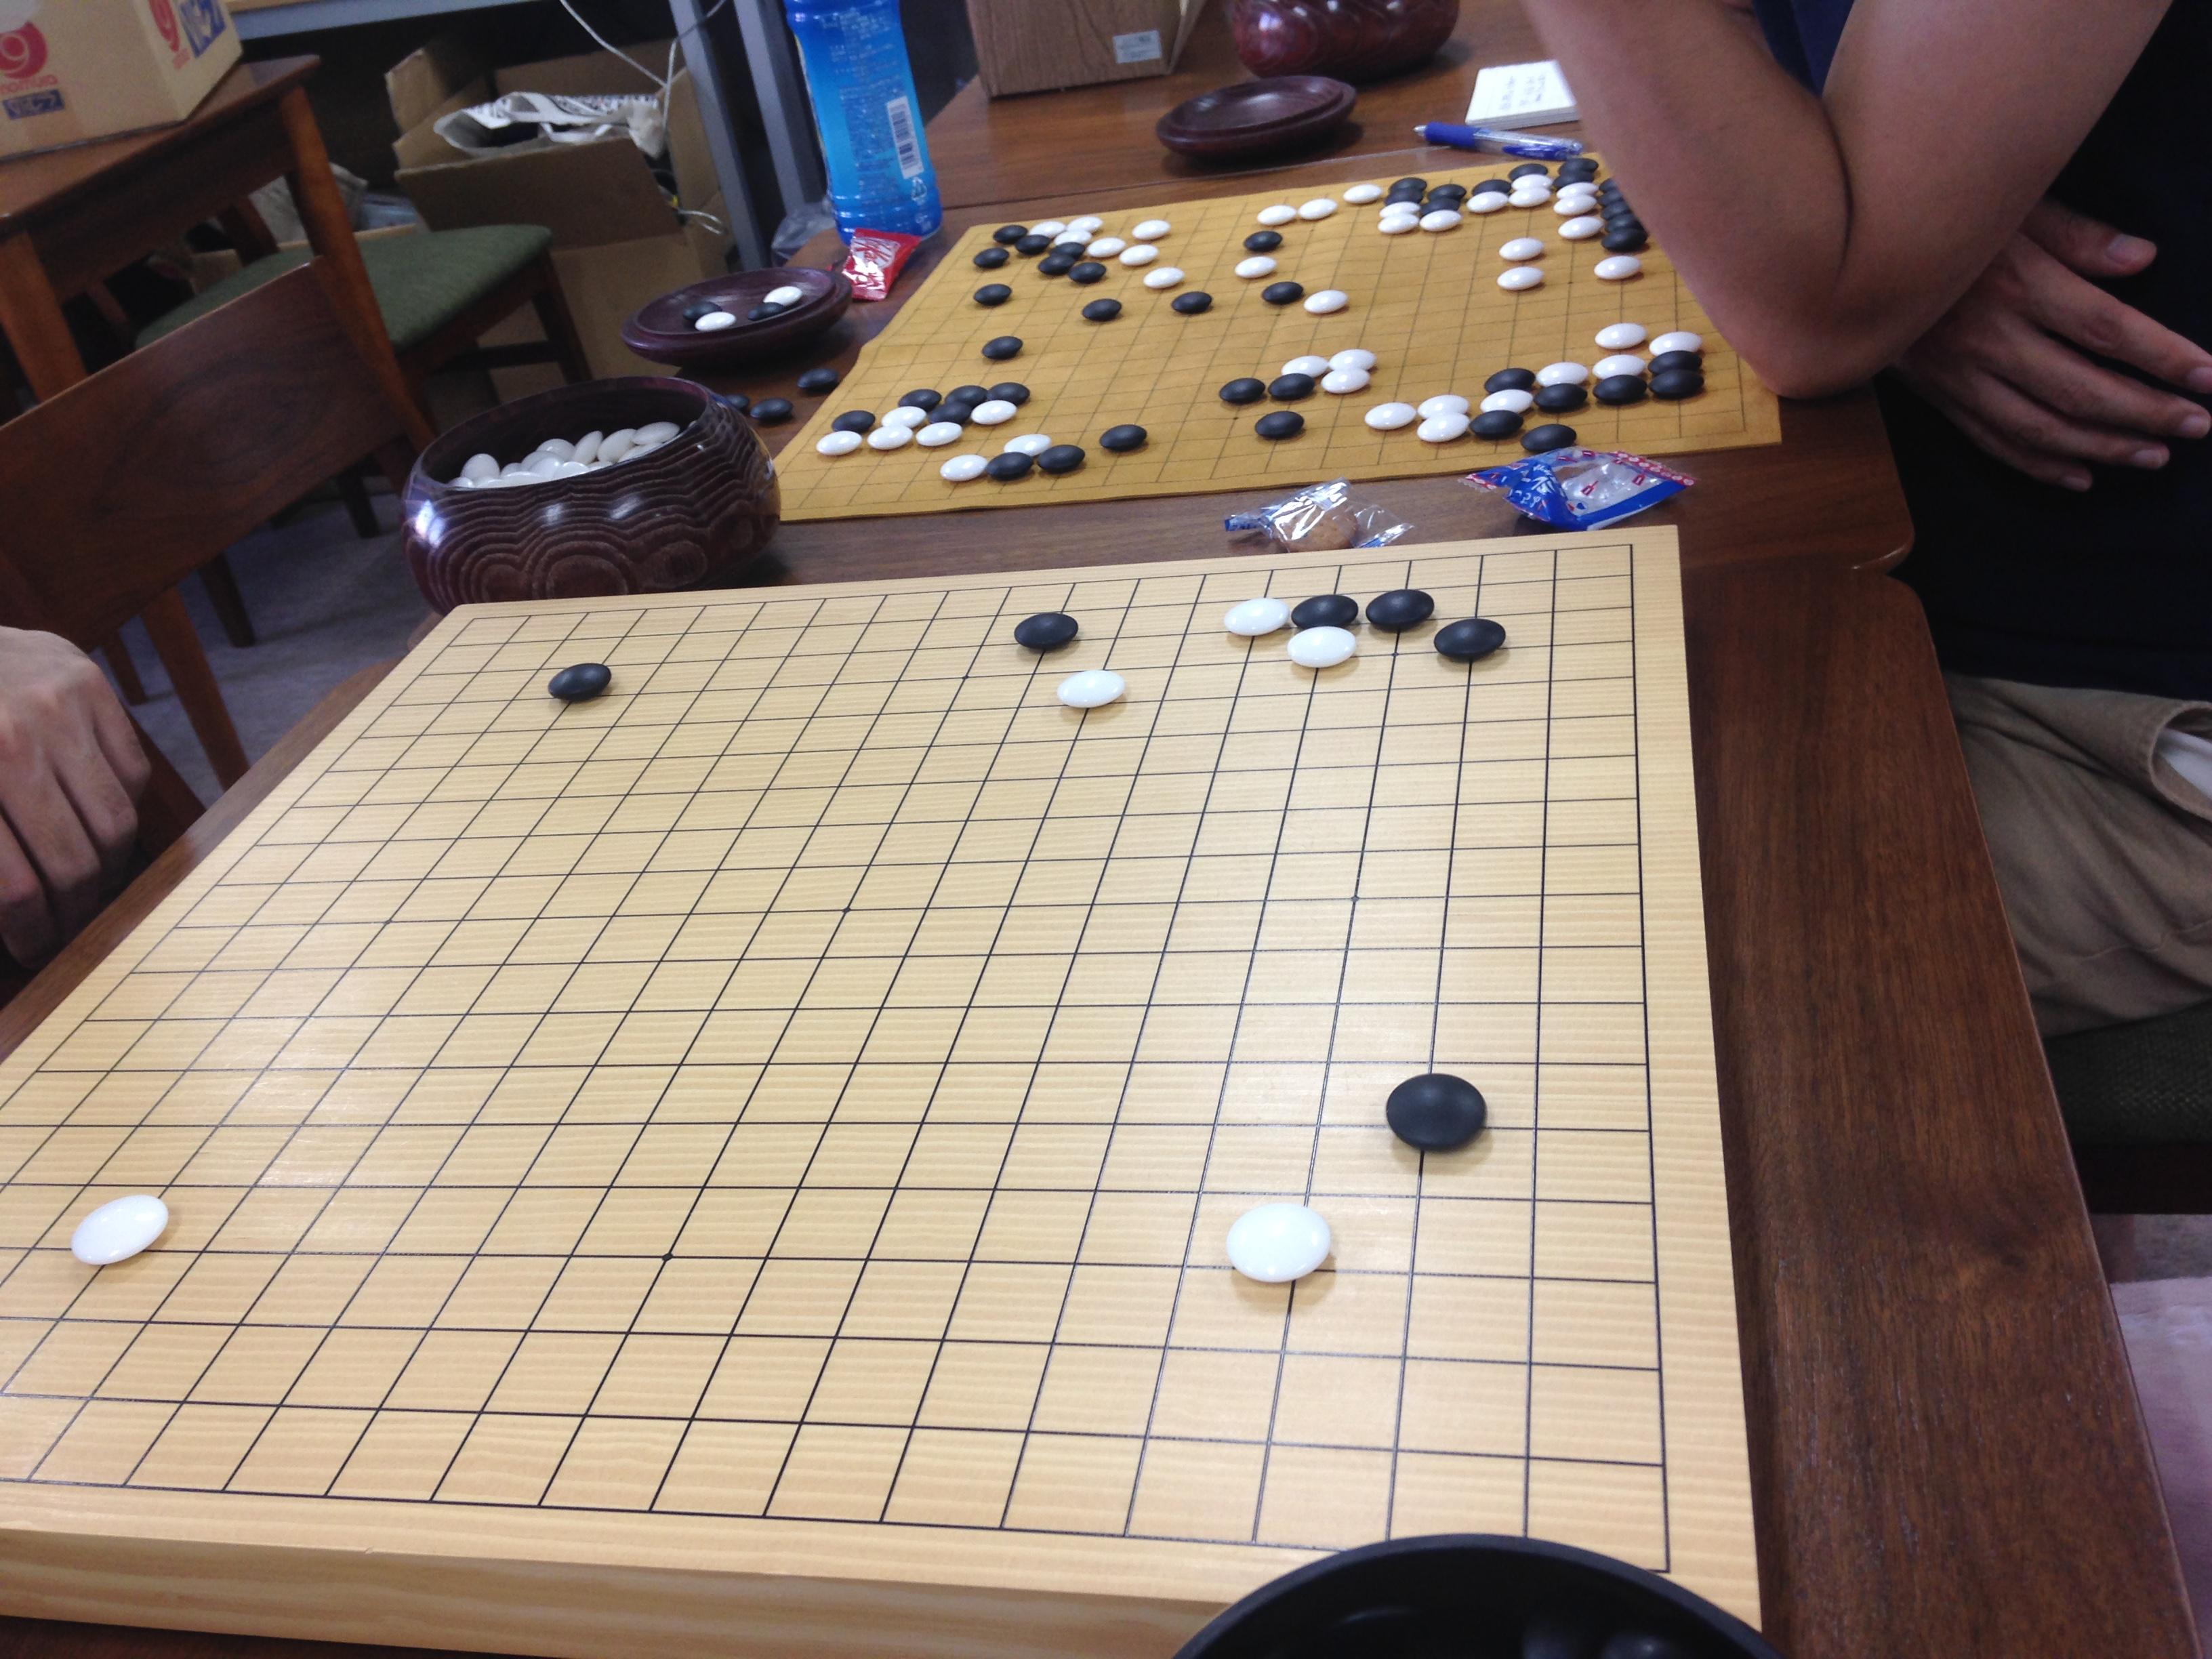 囲碁をやると全体を俯瞰する能力が身に付くんじゃなかろうか。